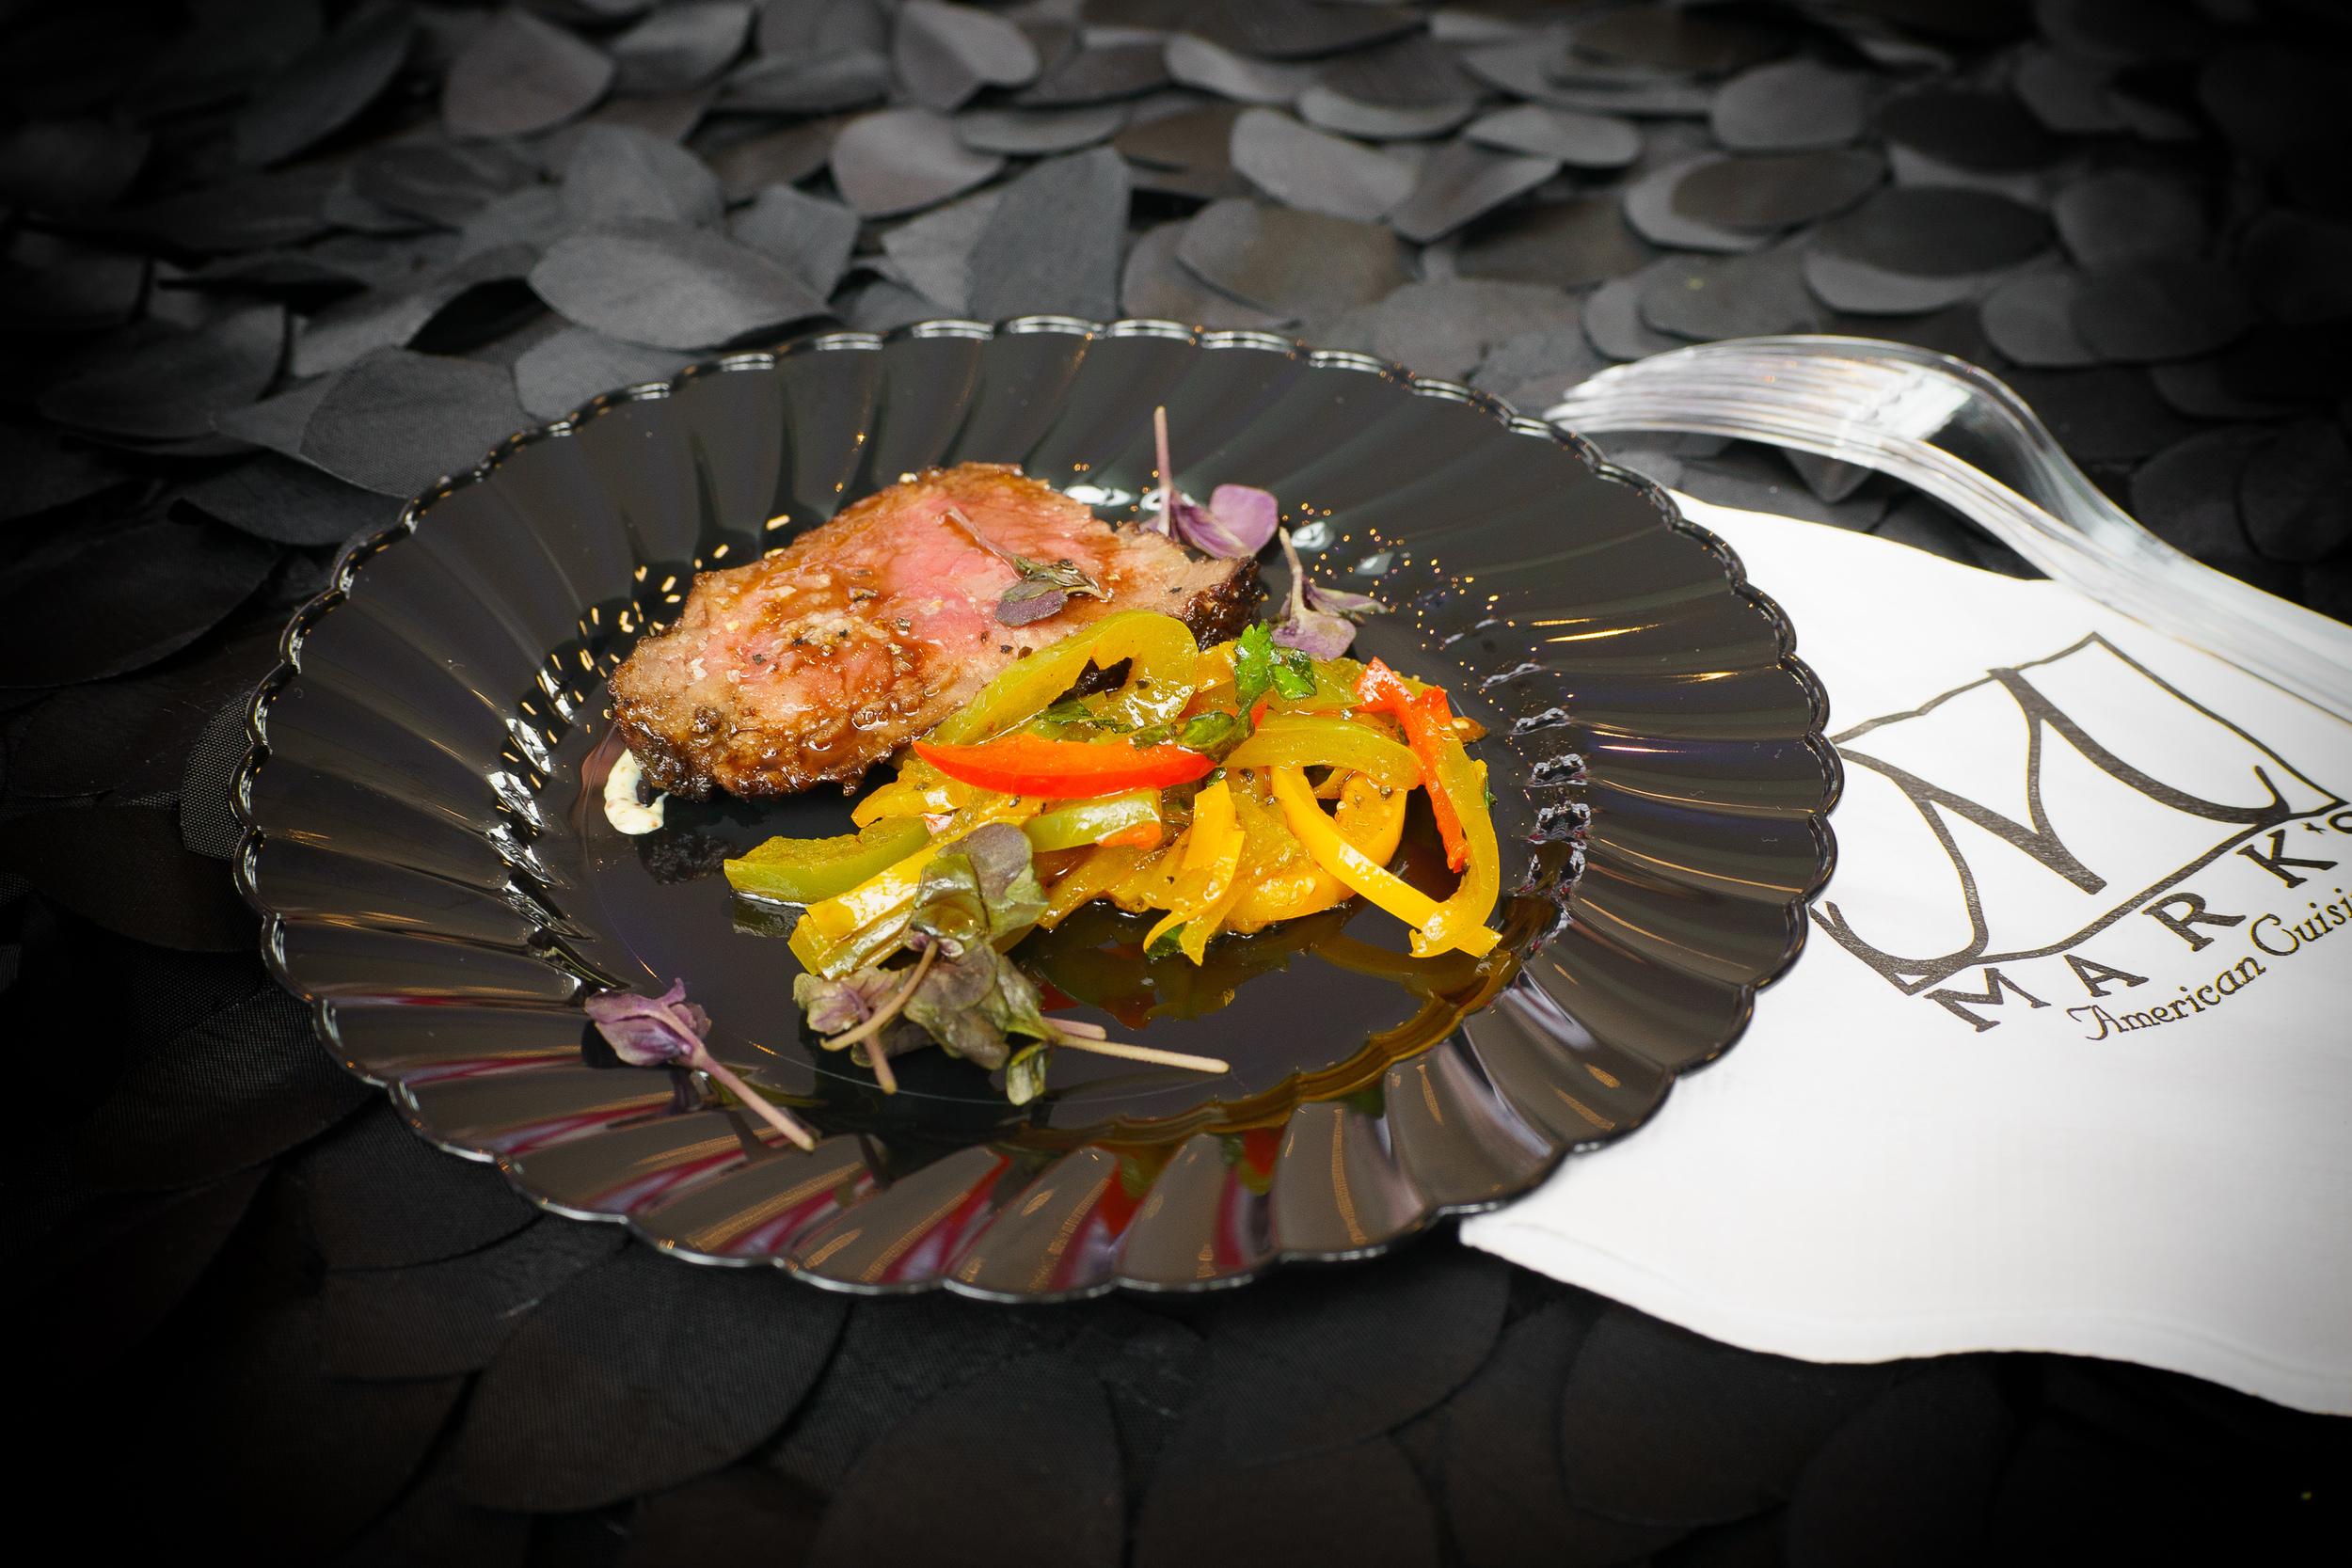 Mark's Cuisine - Roasted striploin, roasted peppers, steak vinaigrette